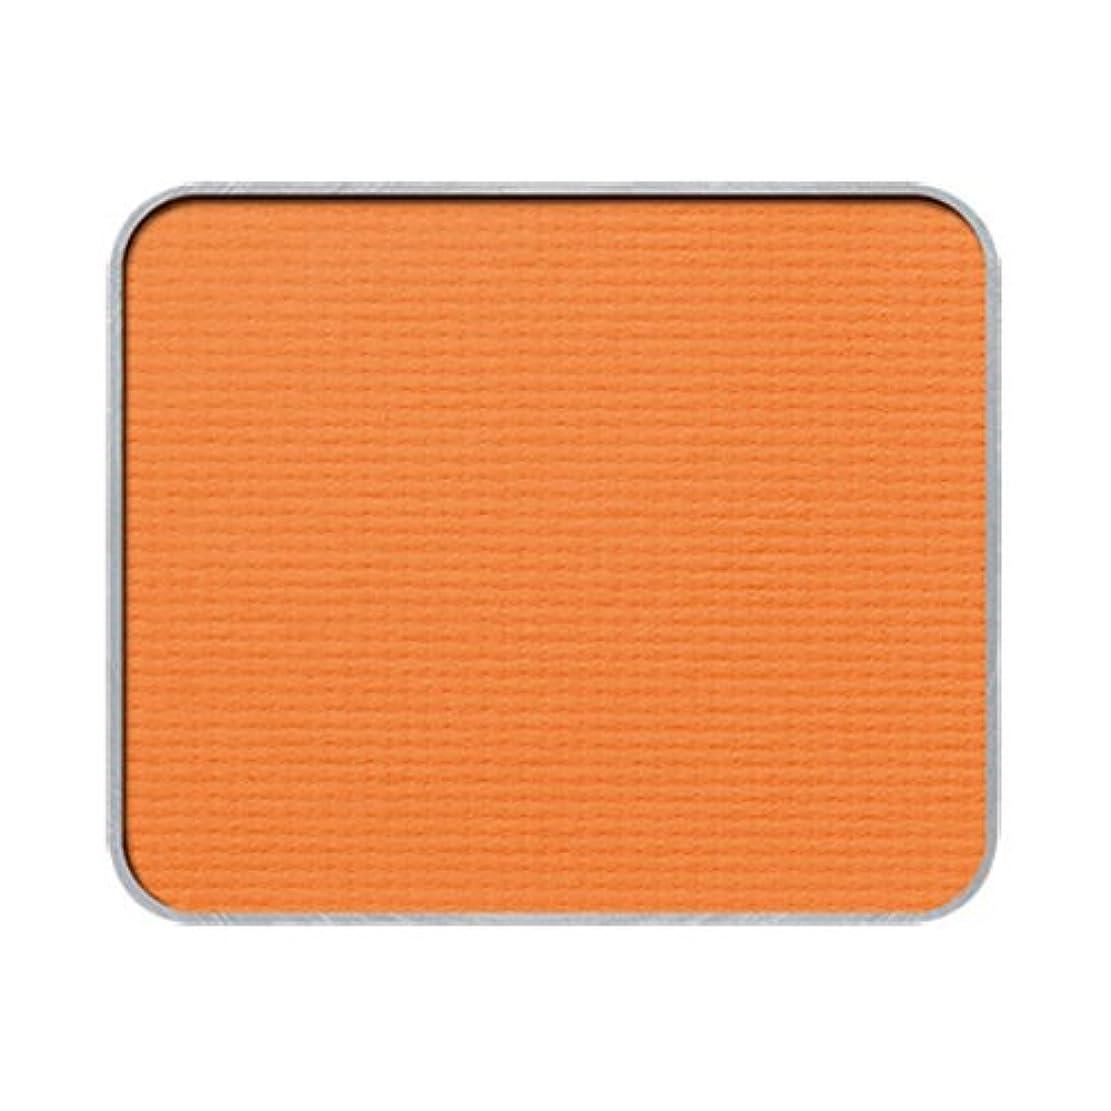 プレスド アイシャドー (レフィル) M オレンジ 250